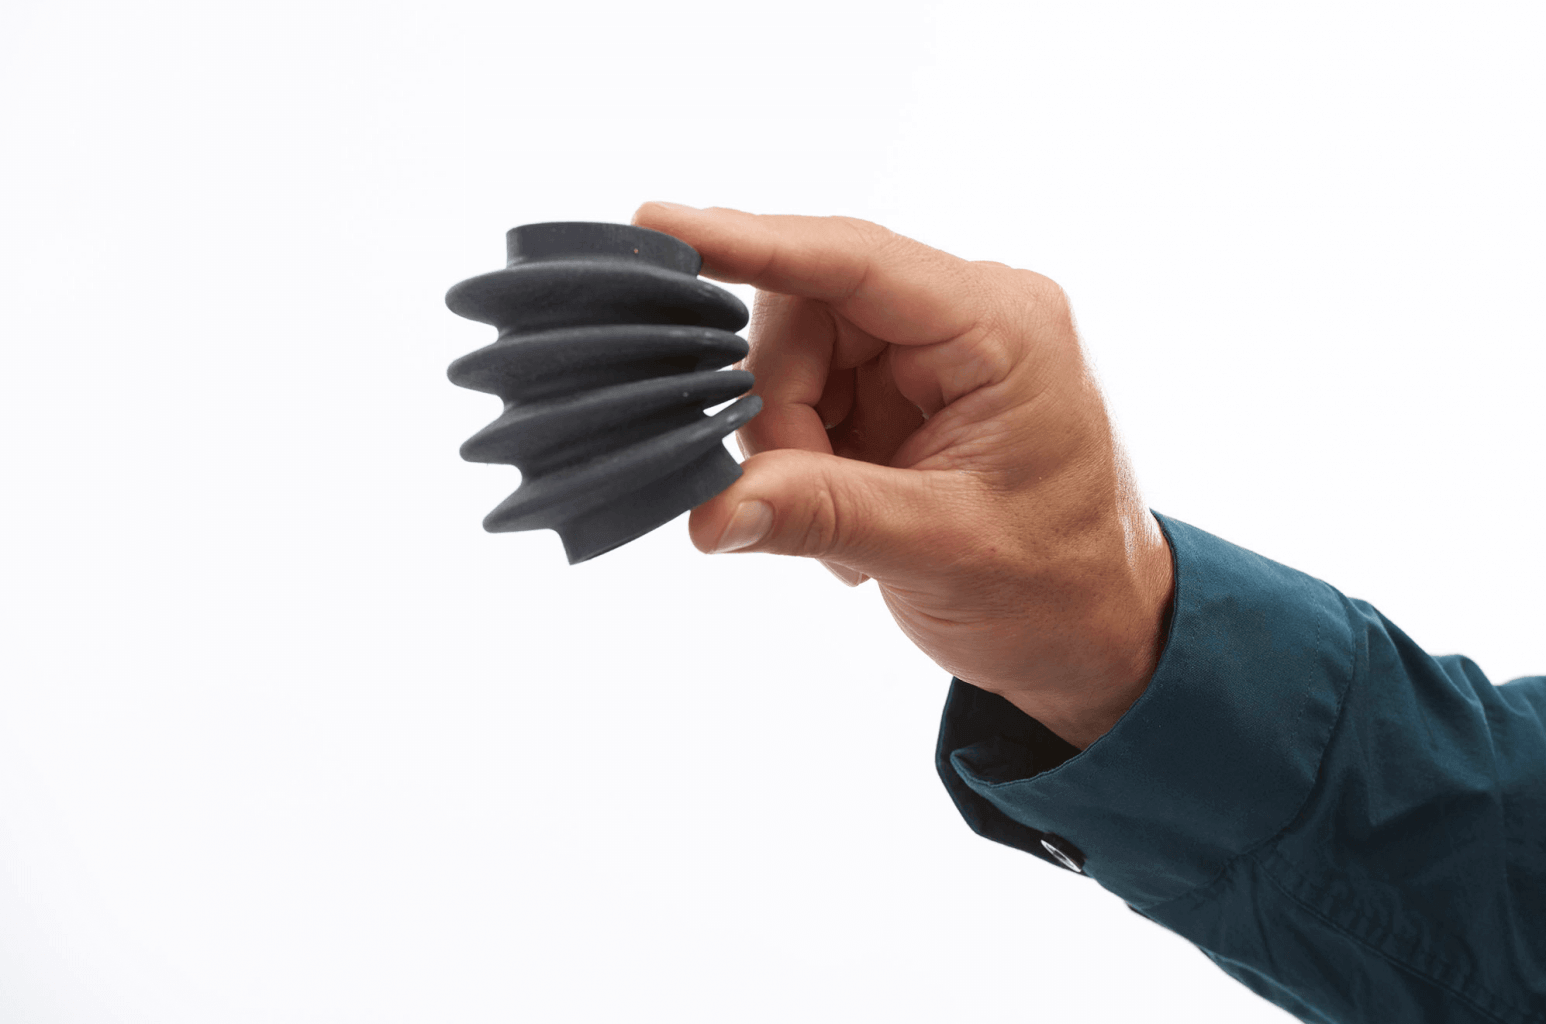 Gummi und EPDM im Rapid Prototyping. 3D-Druck und Vakuumguss machens bei EBERT möglich!